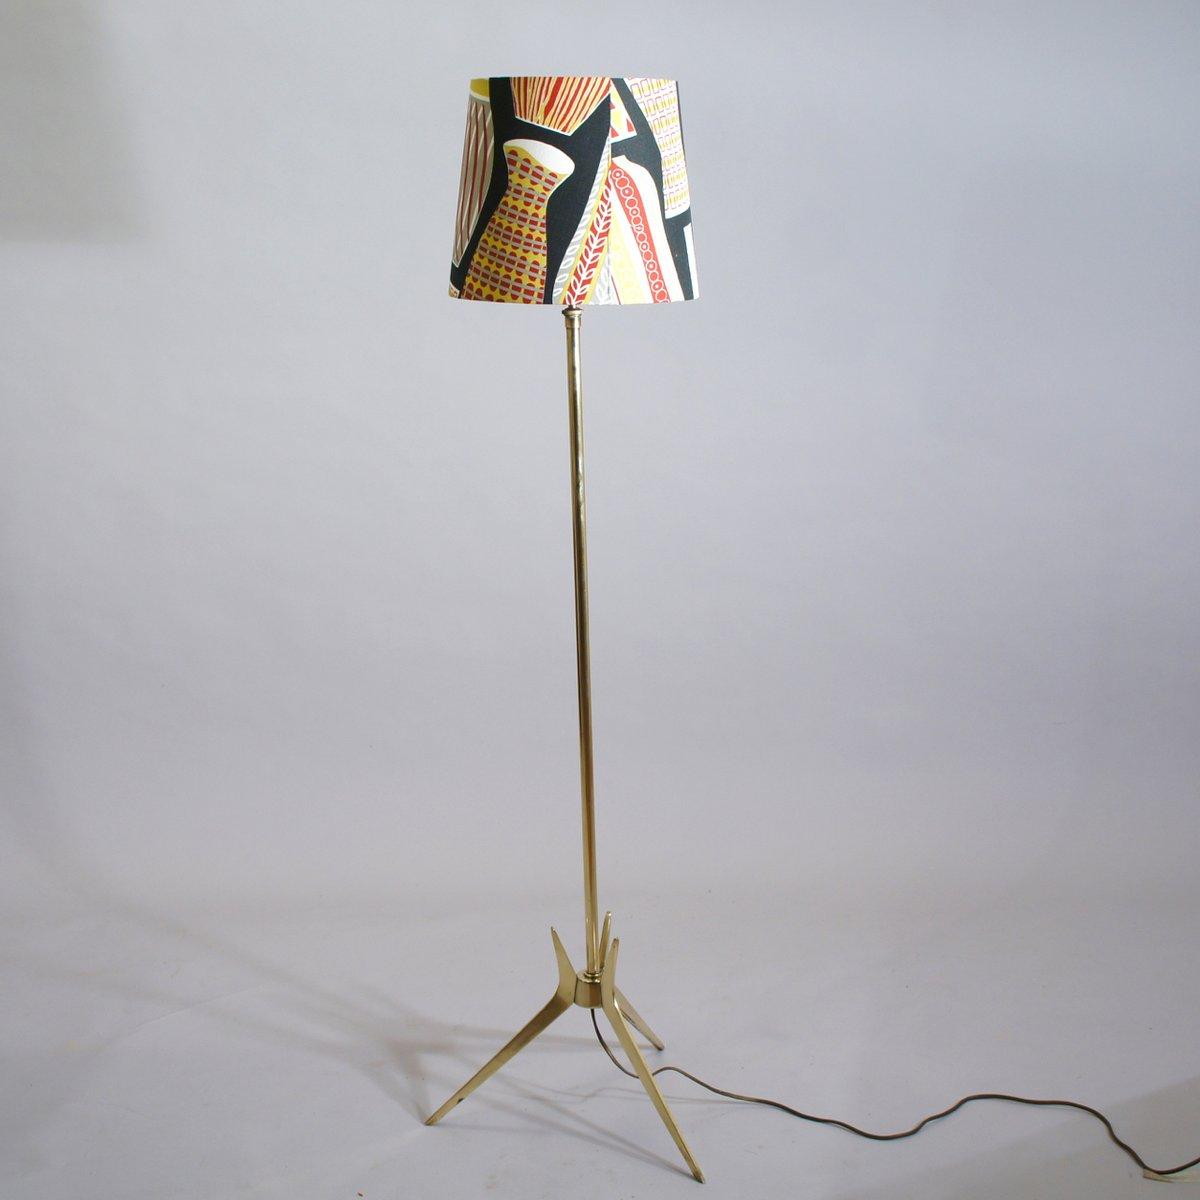 schwedische vintage stehlampe mit schirm im sanderson bezug bei pamono kaufen. Black Bedroom Furniture Sets. Home Design Ideas